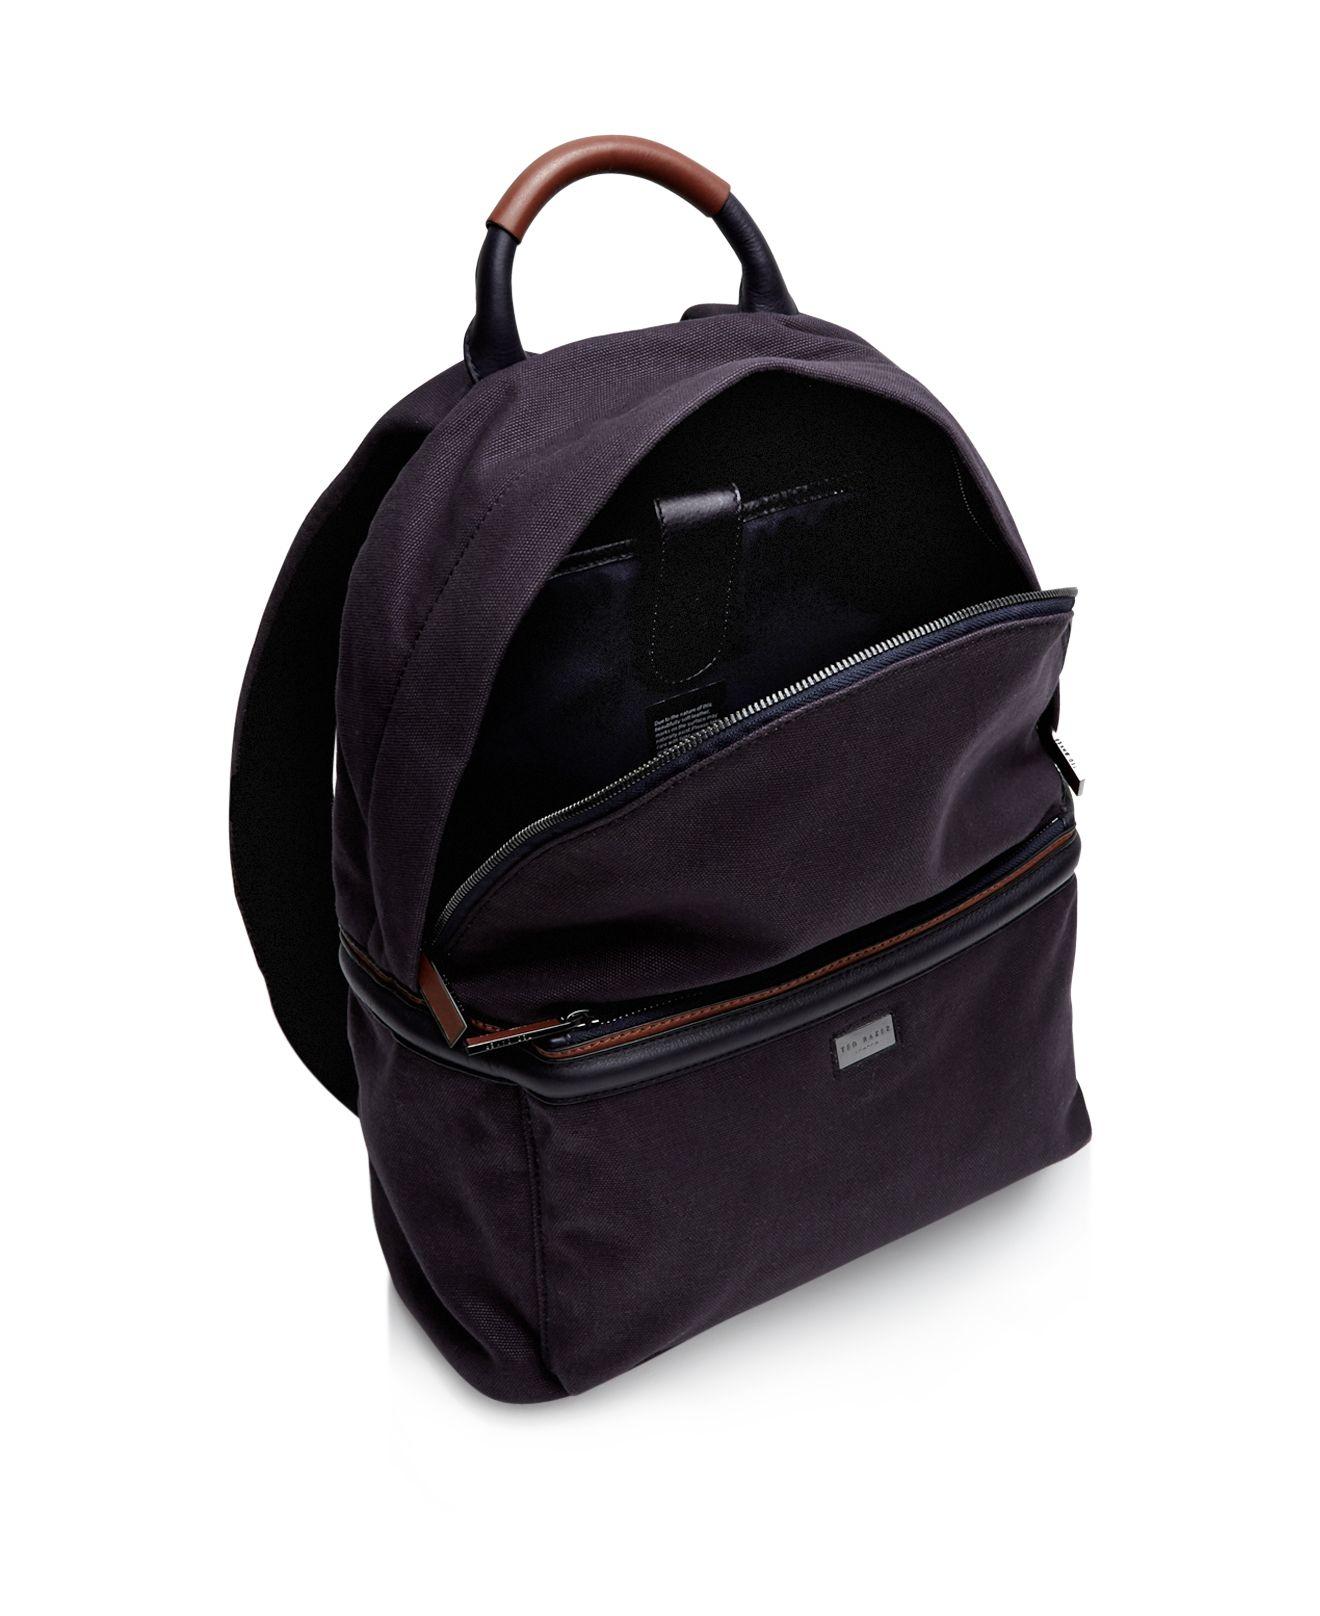 ted baker brandor backpack in black for men lyst. Black Bedroom Furniture Sets. Home Design Ideas